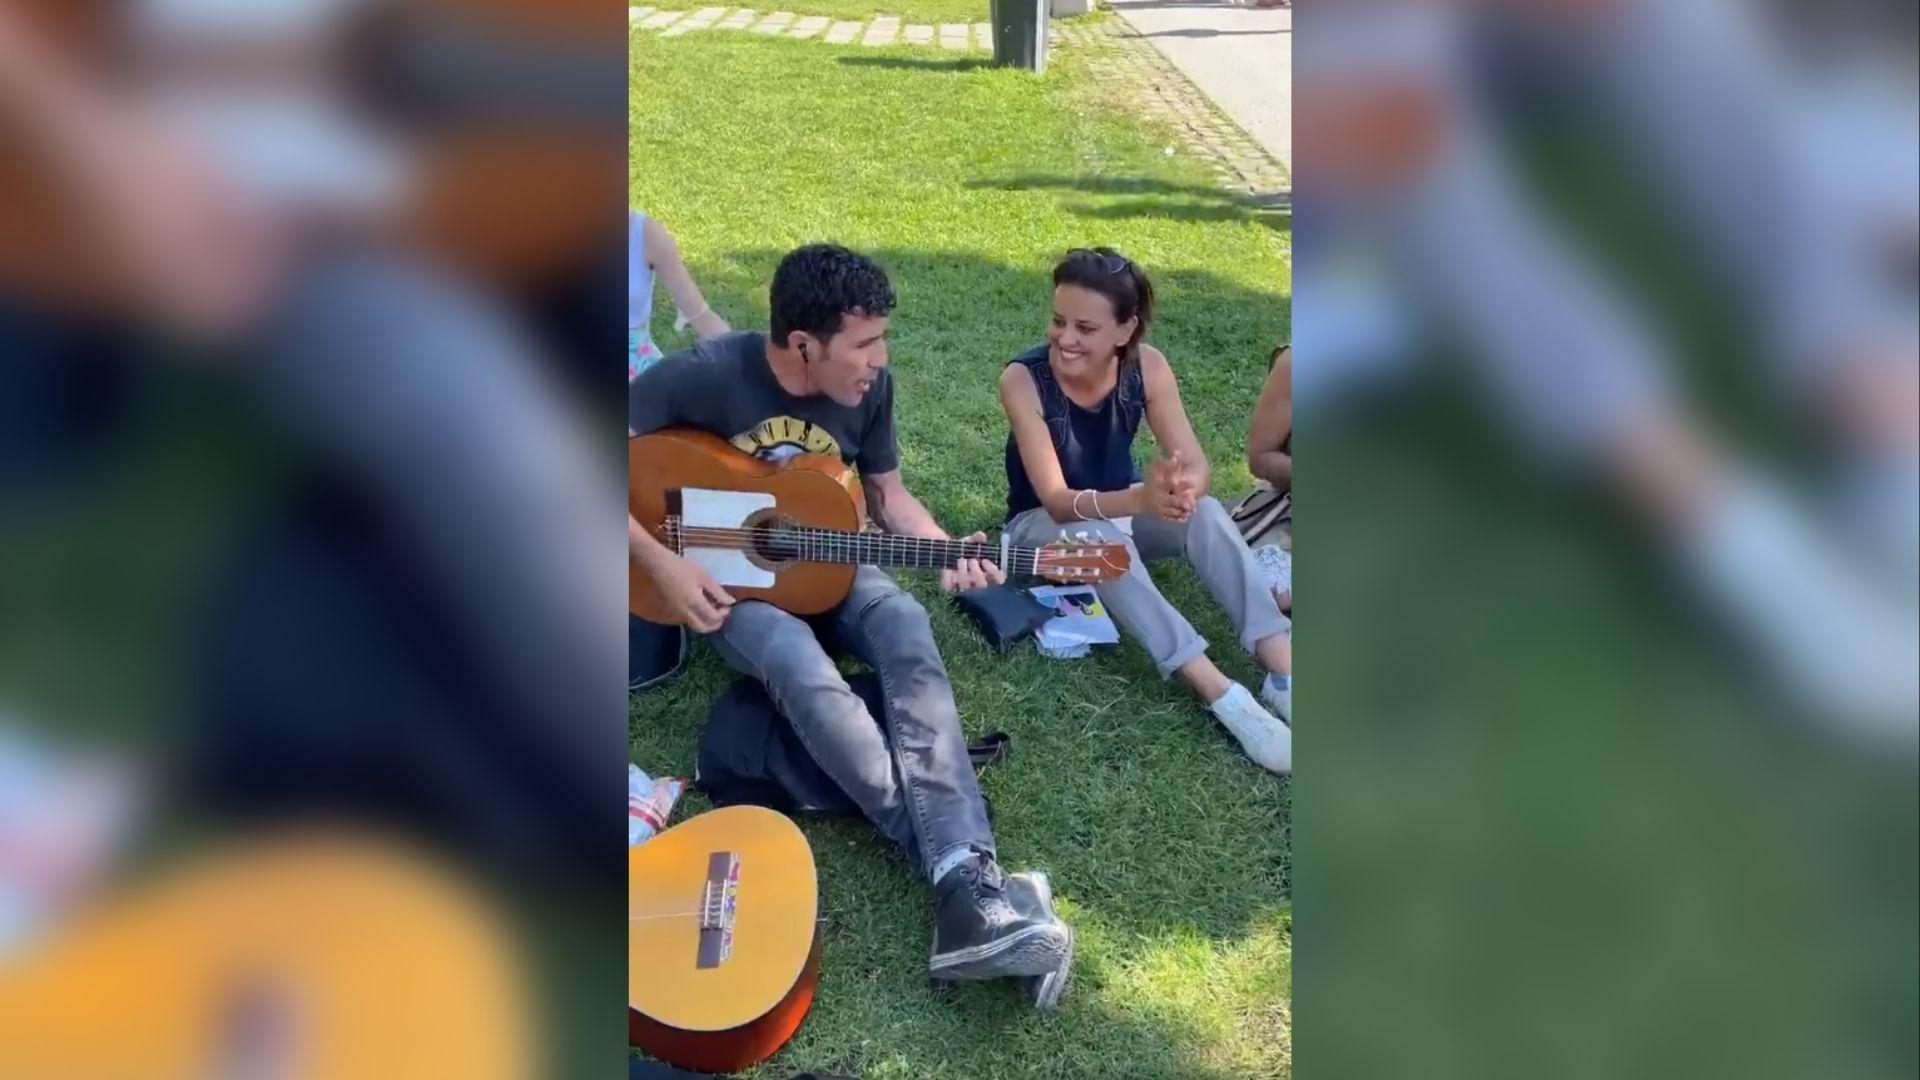 Najat Vallaud Belkacem Idir, Vidéo – Najat Vallaud Belkacem chante Vava Inouva, Infos Algérie